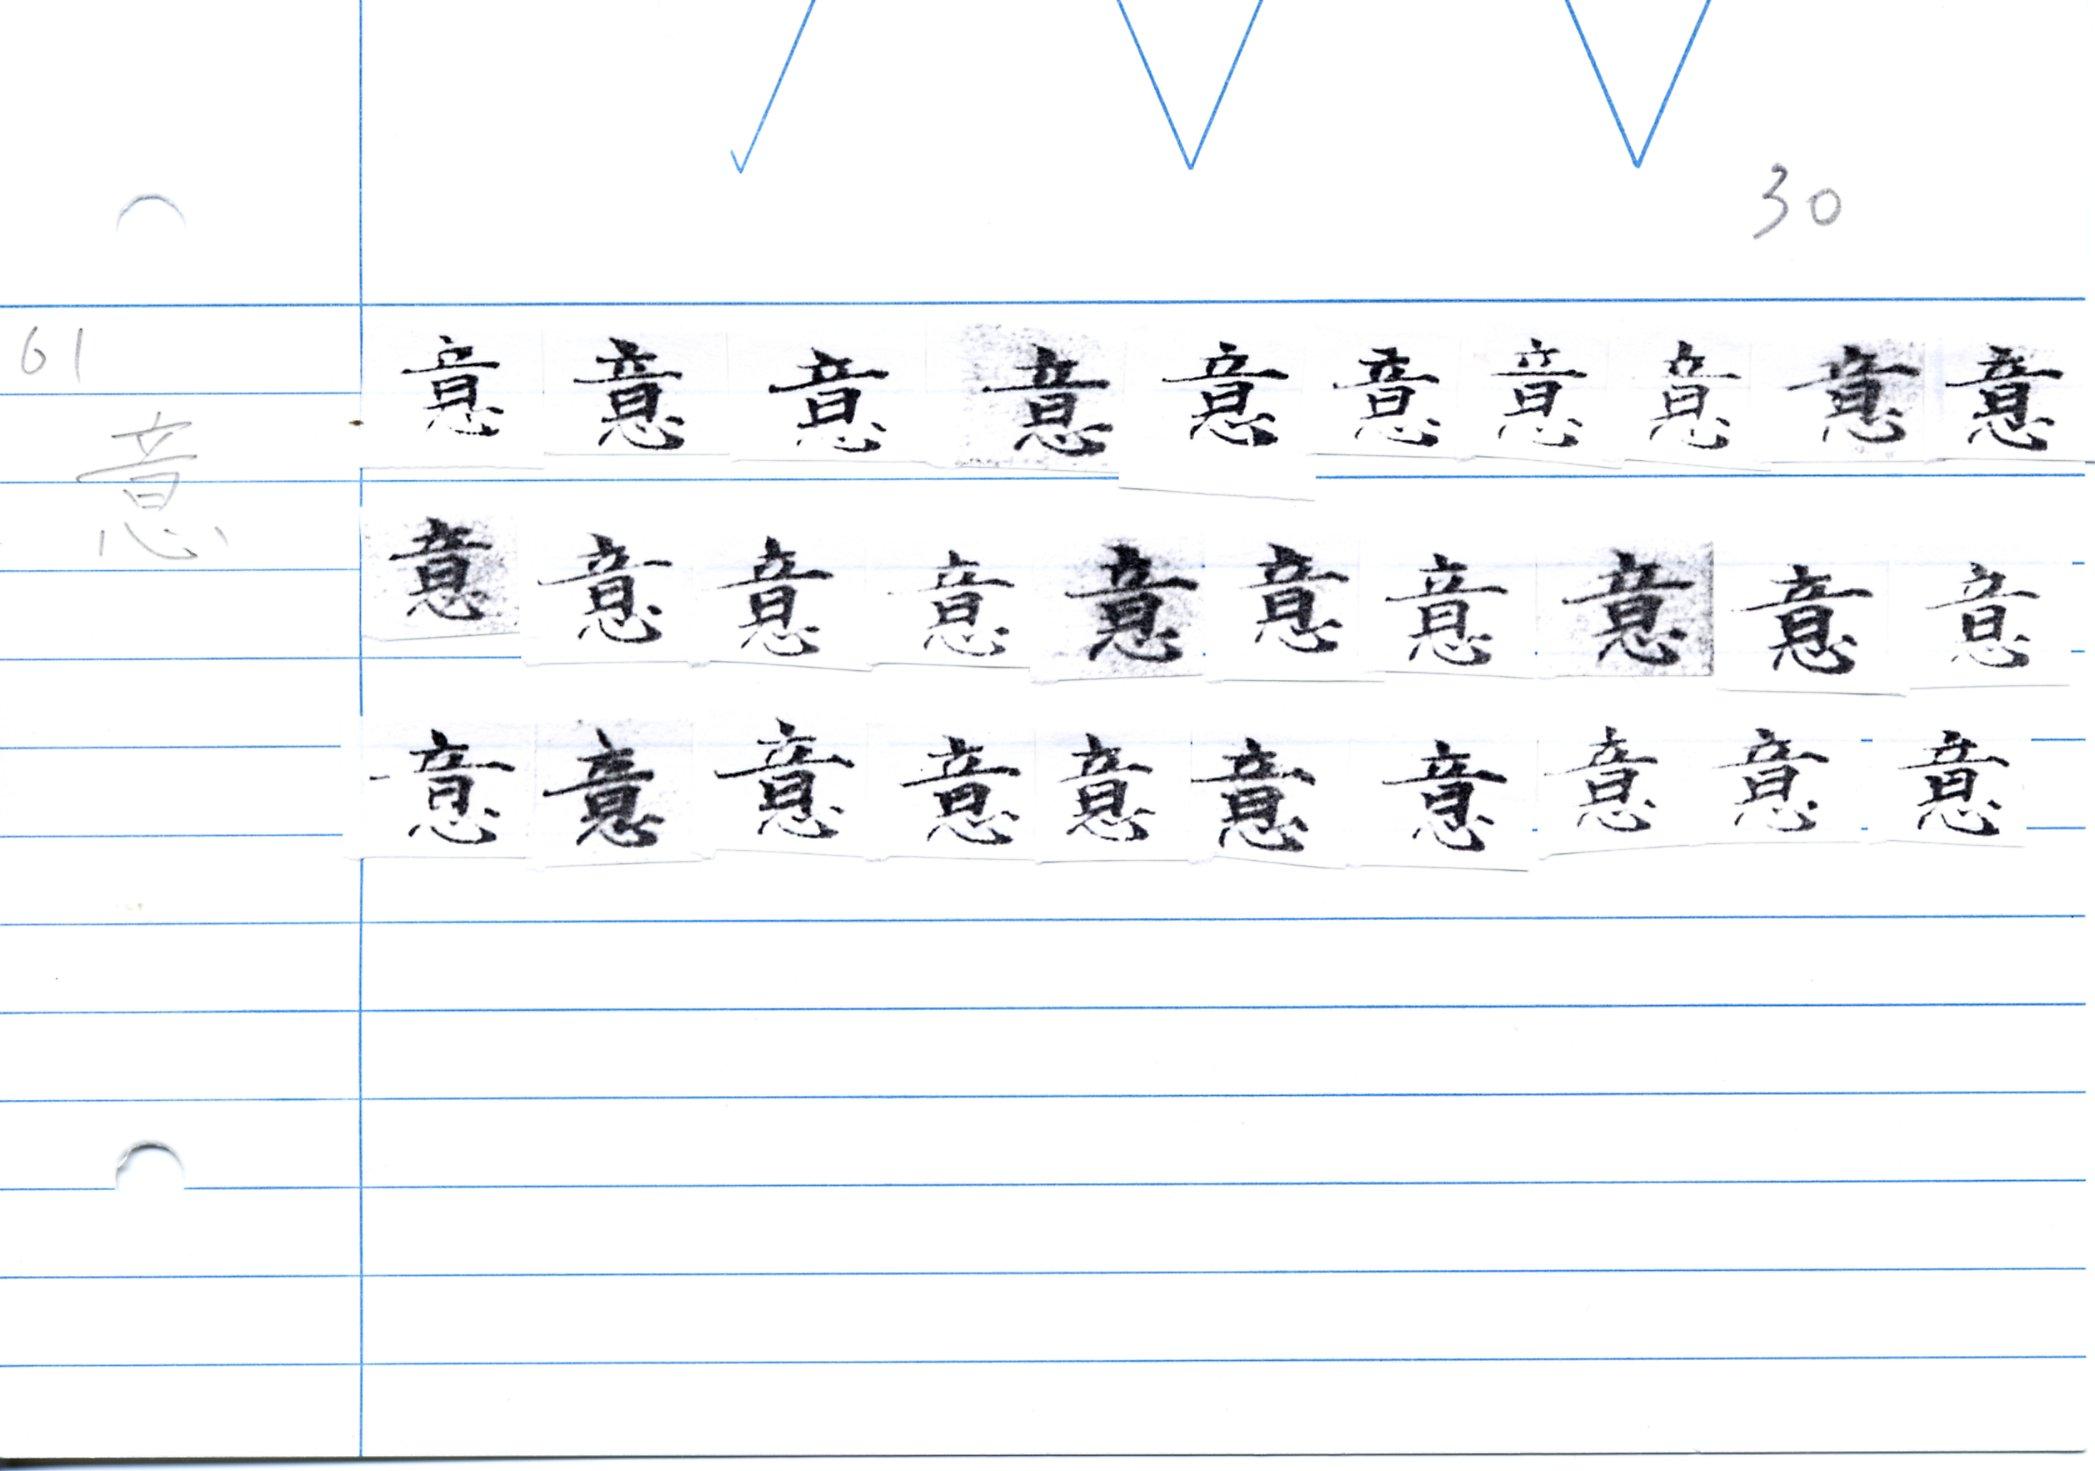 54_大般若經卷二百五十(和銅經)/cards/0081.JPG